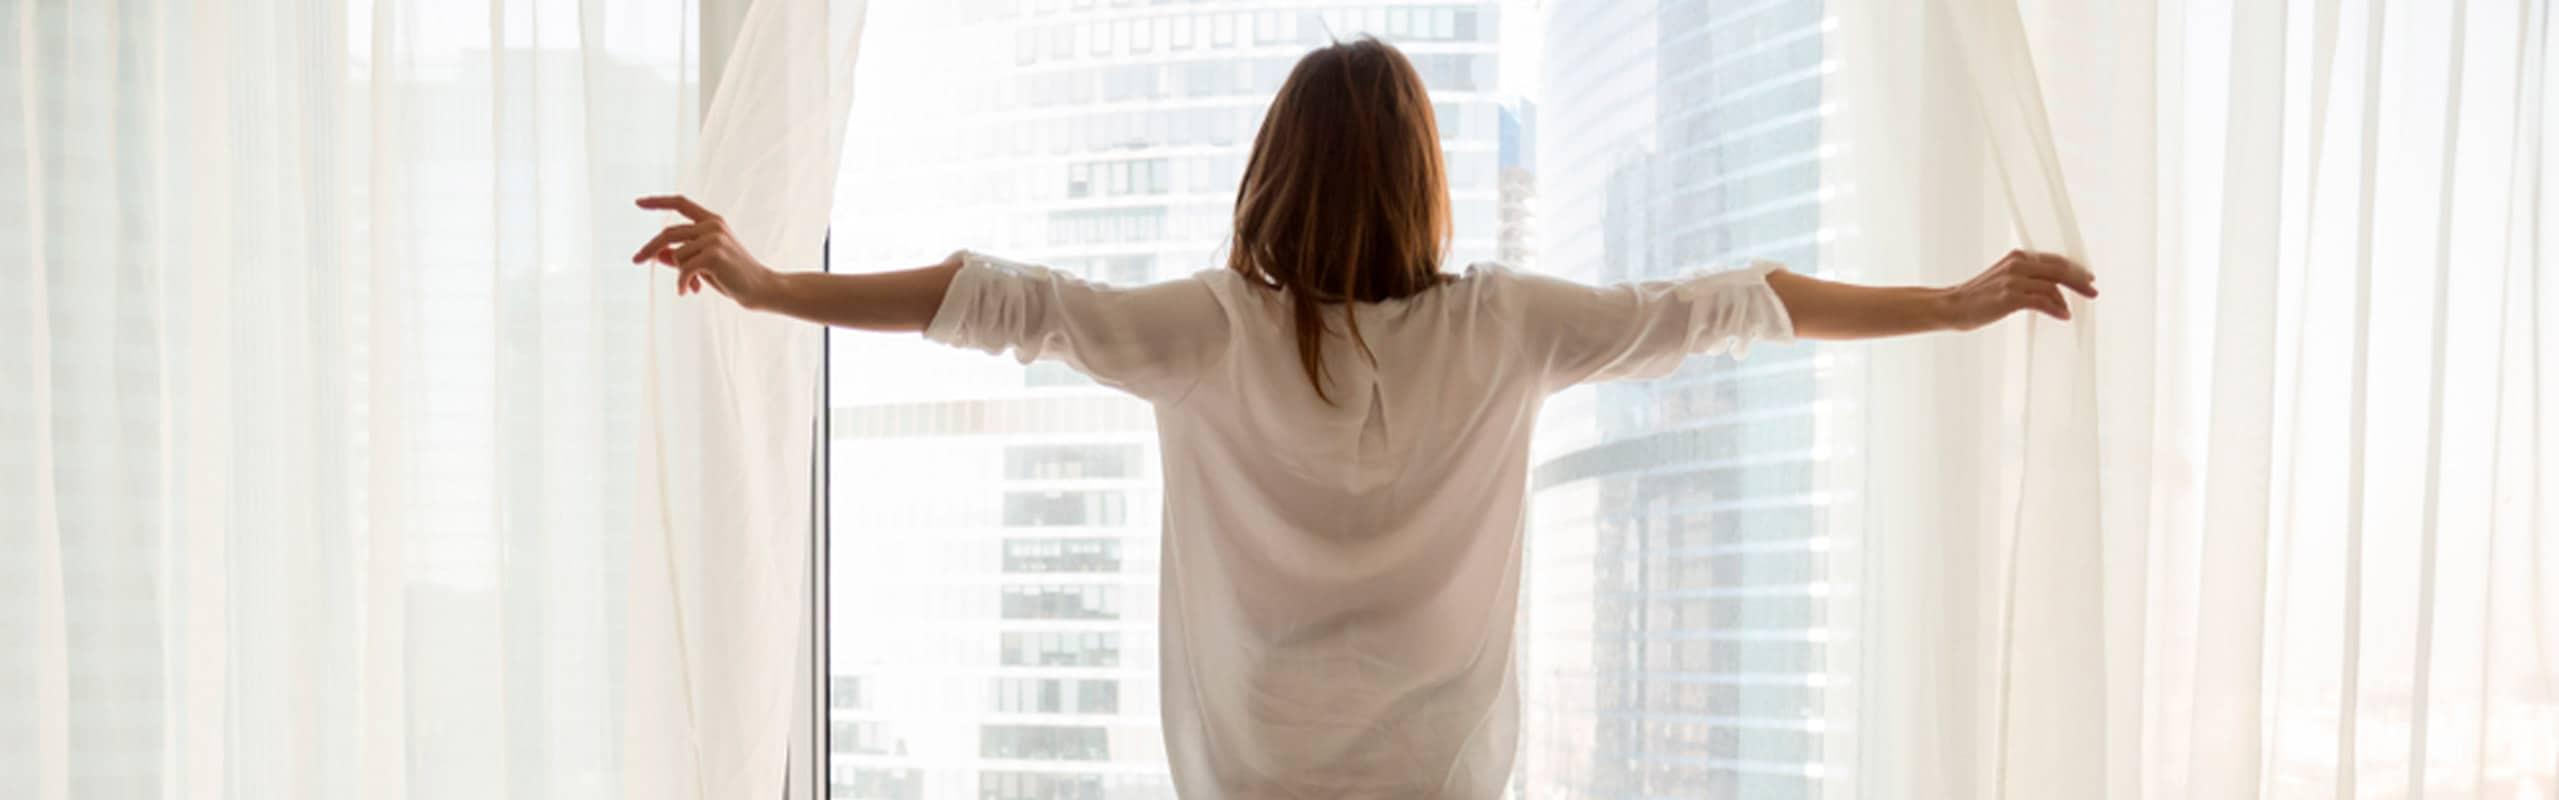 Descubre el confinamiento con una rutina saludable y productiva